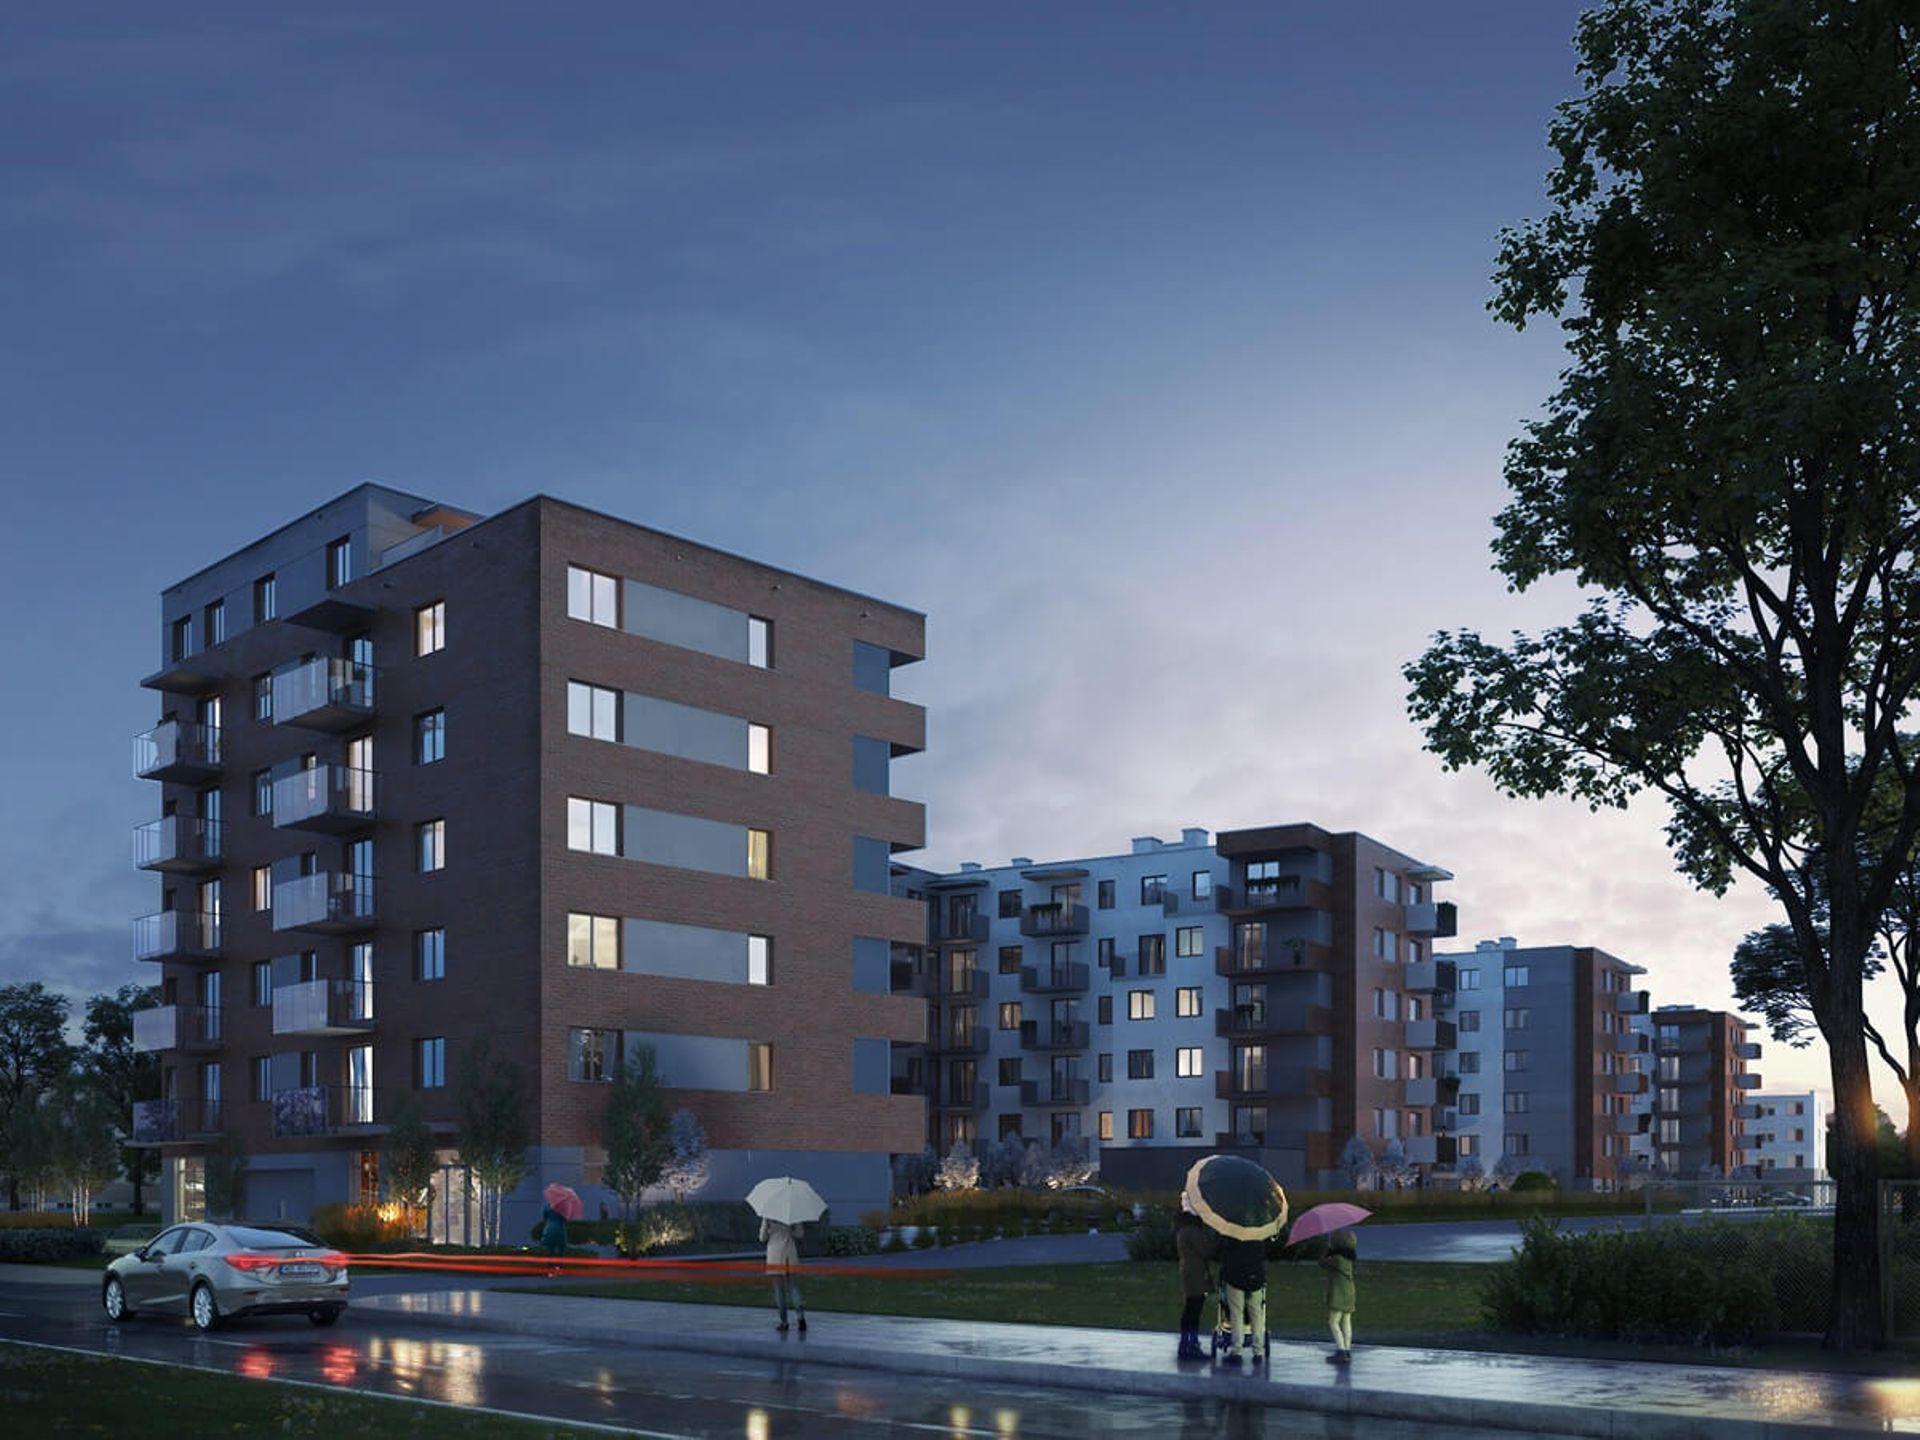 Warszawa: Mały Grochów – LC Corp bliski budowy ponad 200 mieszkań na Pradze-Południe